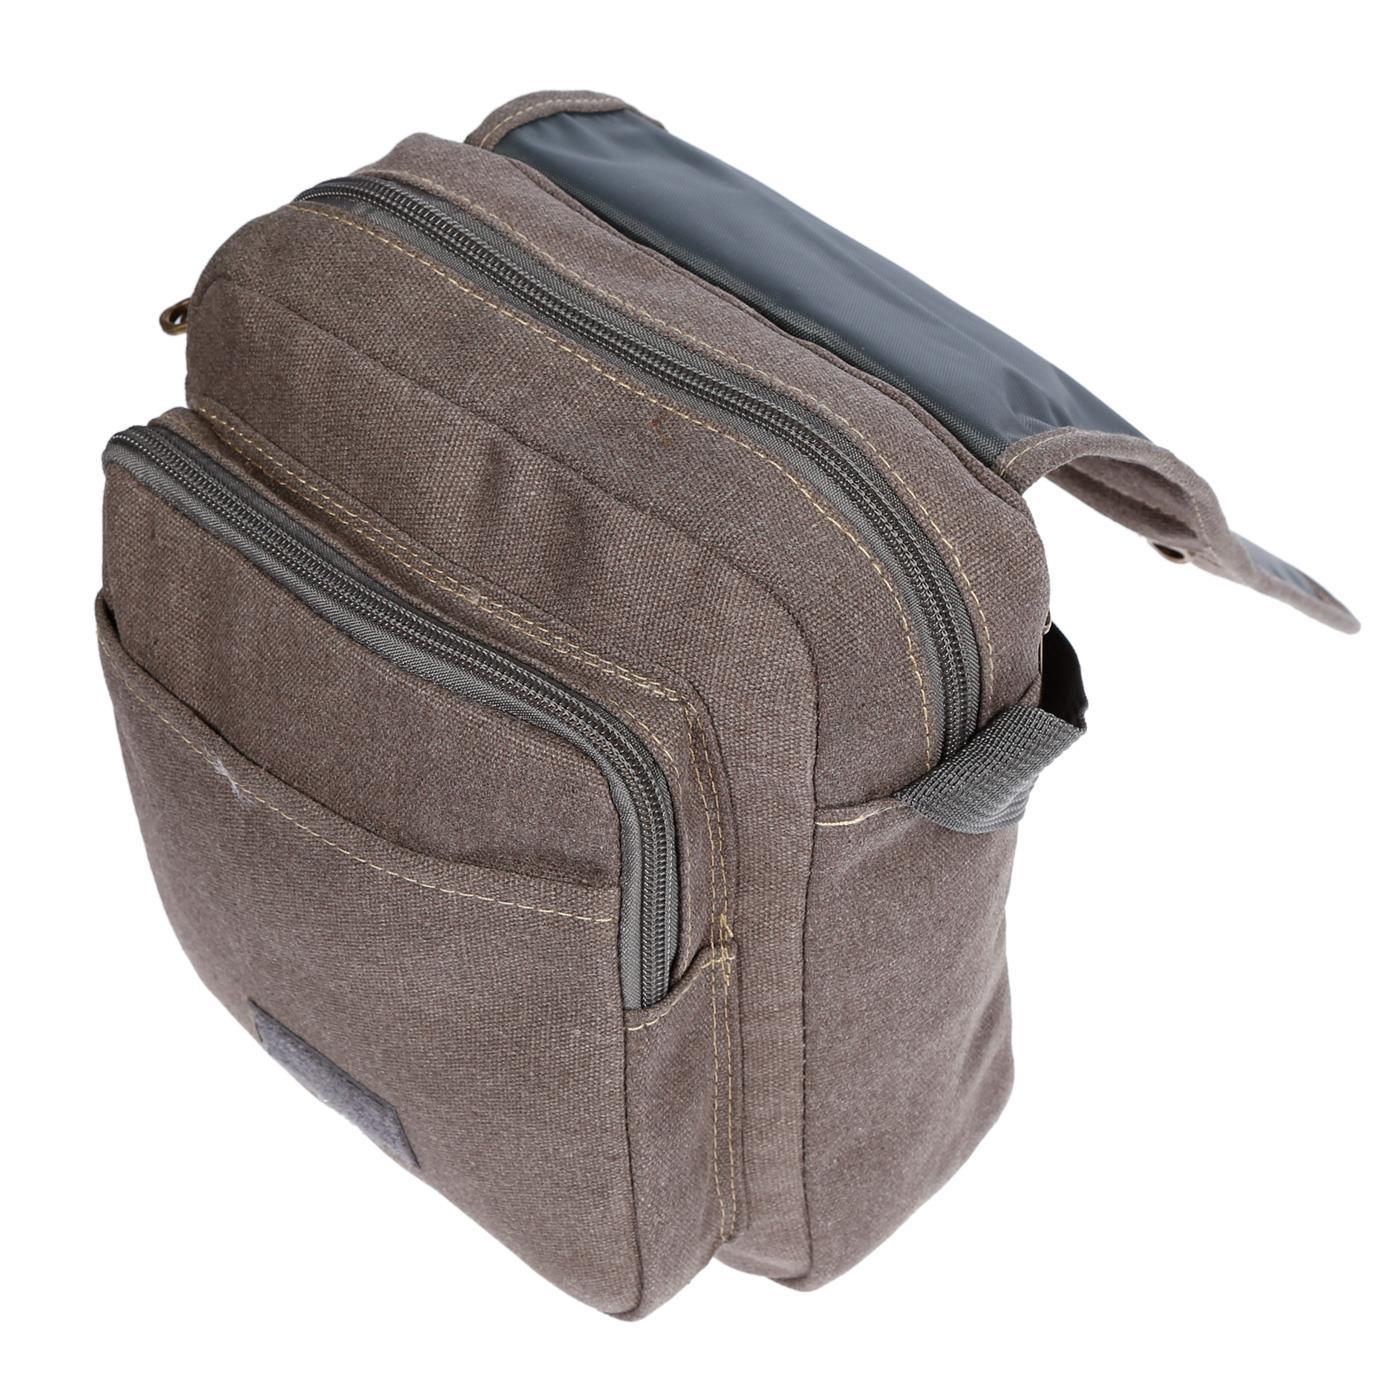 Damen-Herren-Tasche-Canvas-Umhaengetasche-Schultertasche-Crossover-Bag-Handtasche Indexbild 18